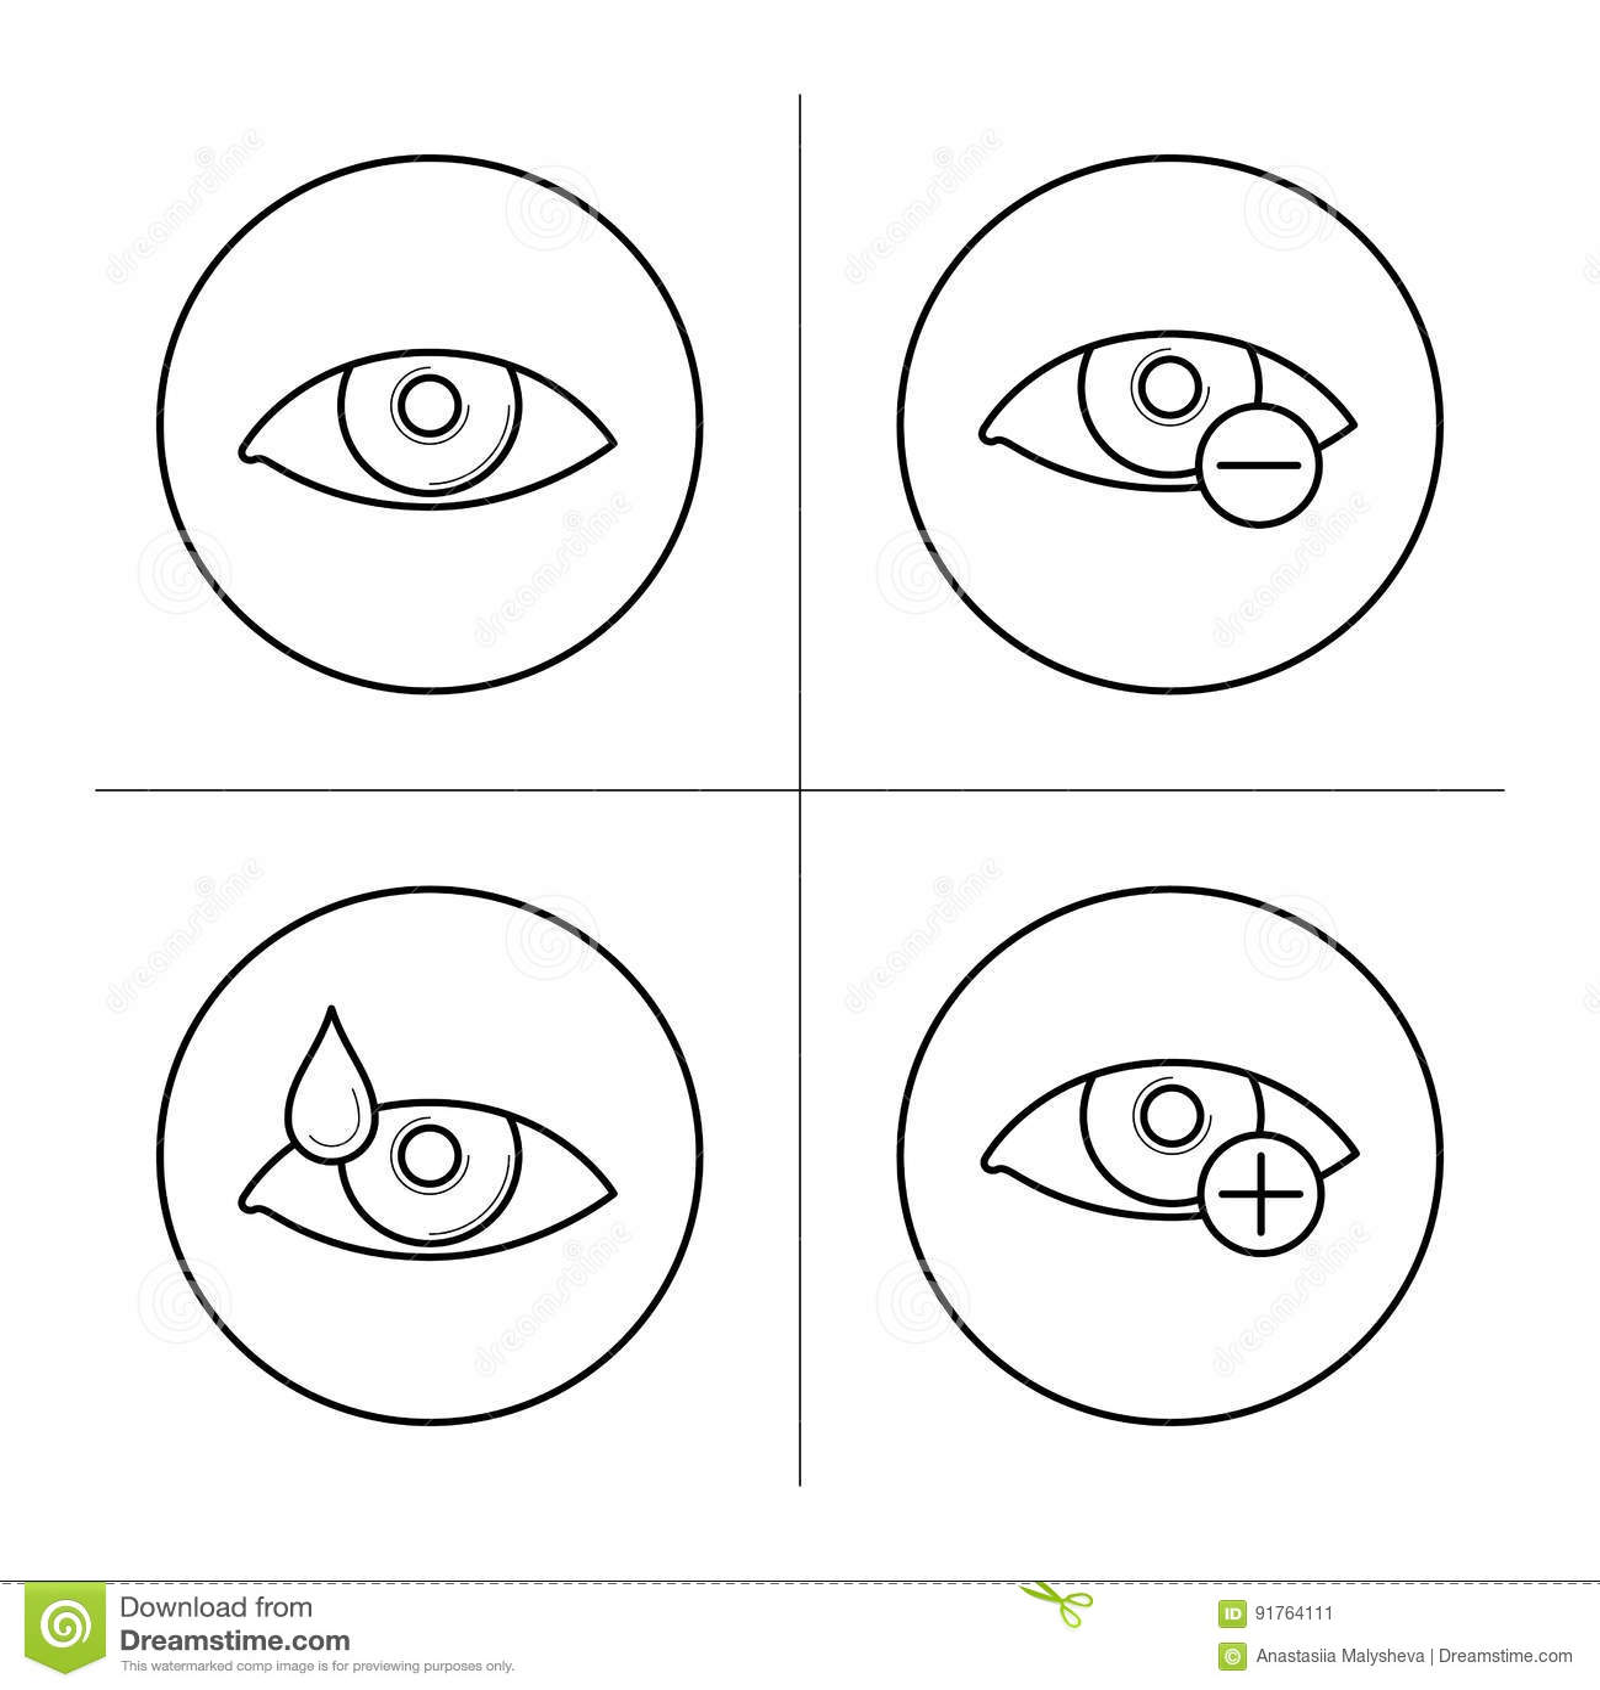 04f06fe192 Σύμβολα της μυωπίας και του Hyperopia Διανυσματική απεικόνιση ...